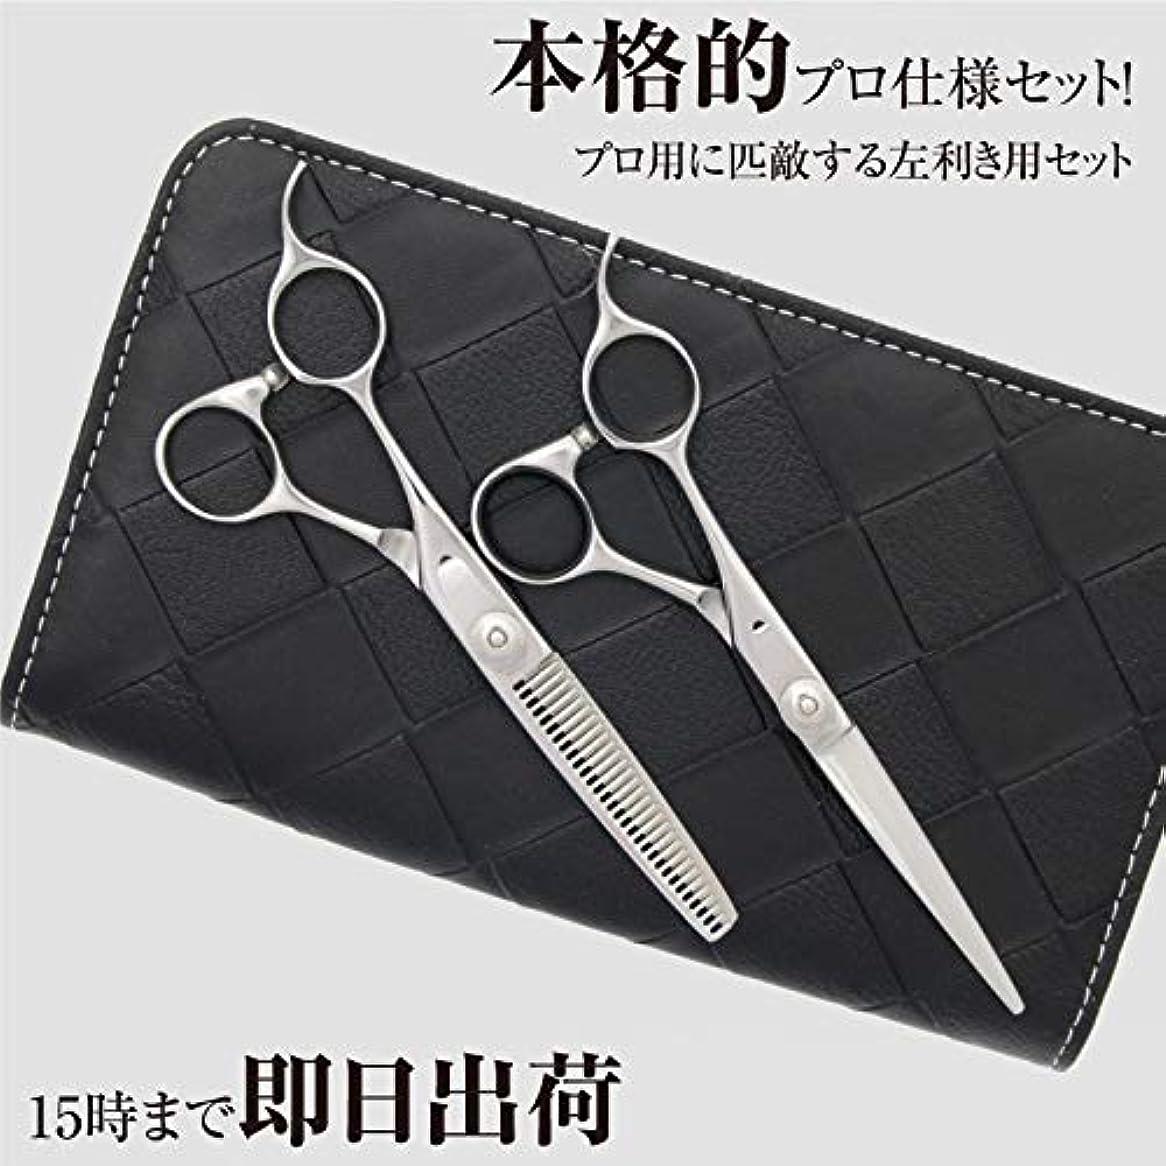 同盟耕す順番DEEDS 日本の鋏専門メーカー 左利き用 LP-01 シザー セニング セット 美容師